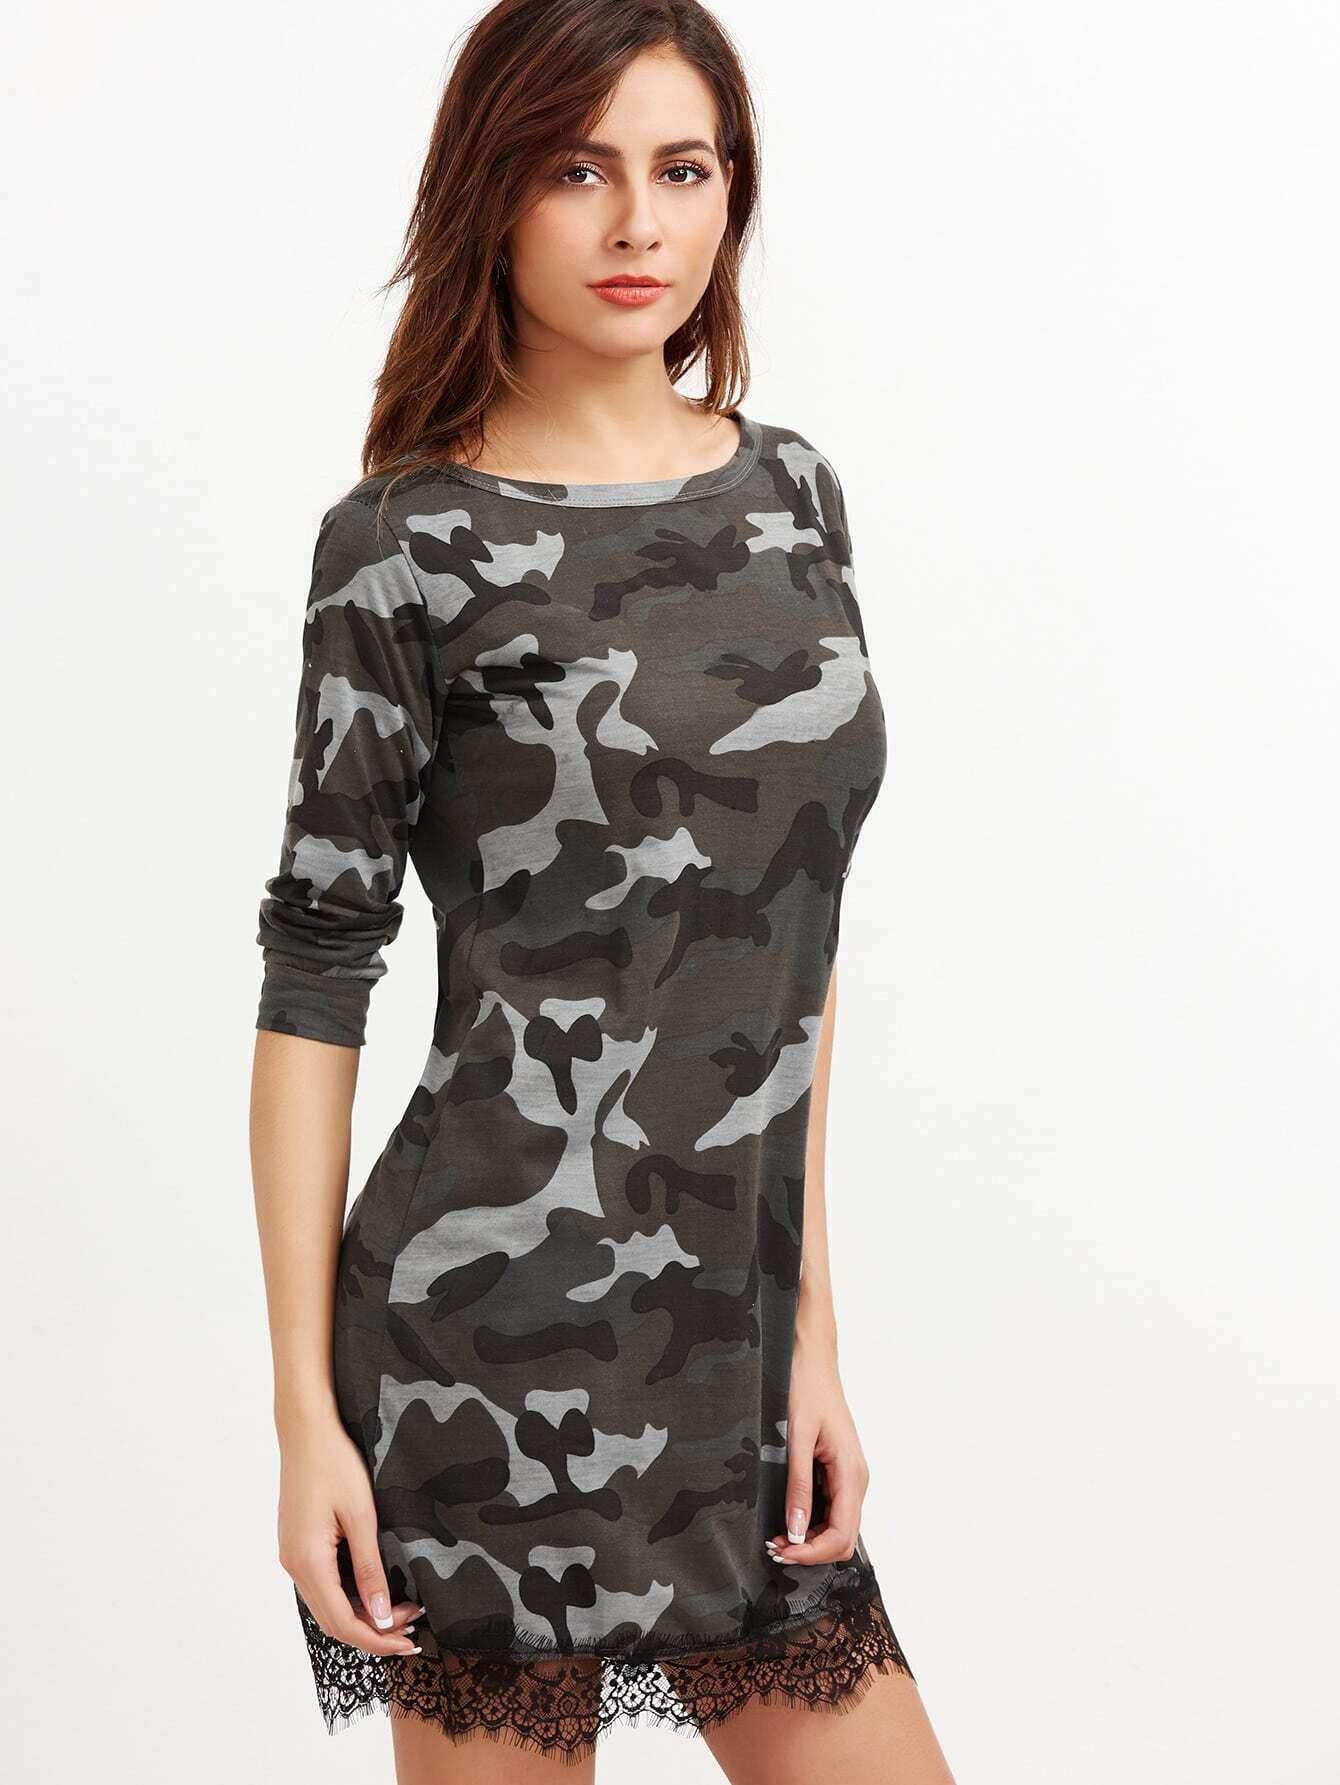 dress161115102_2